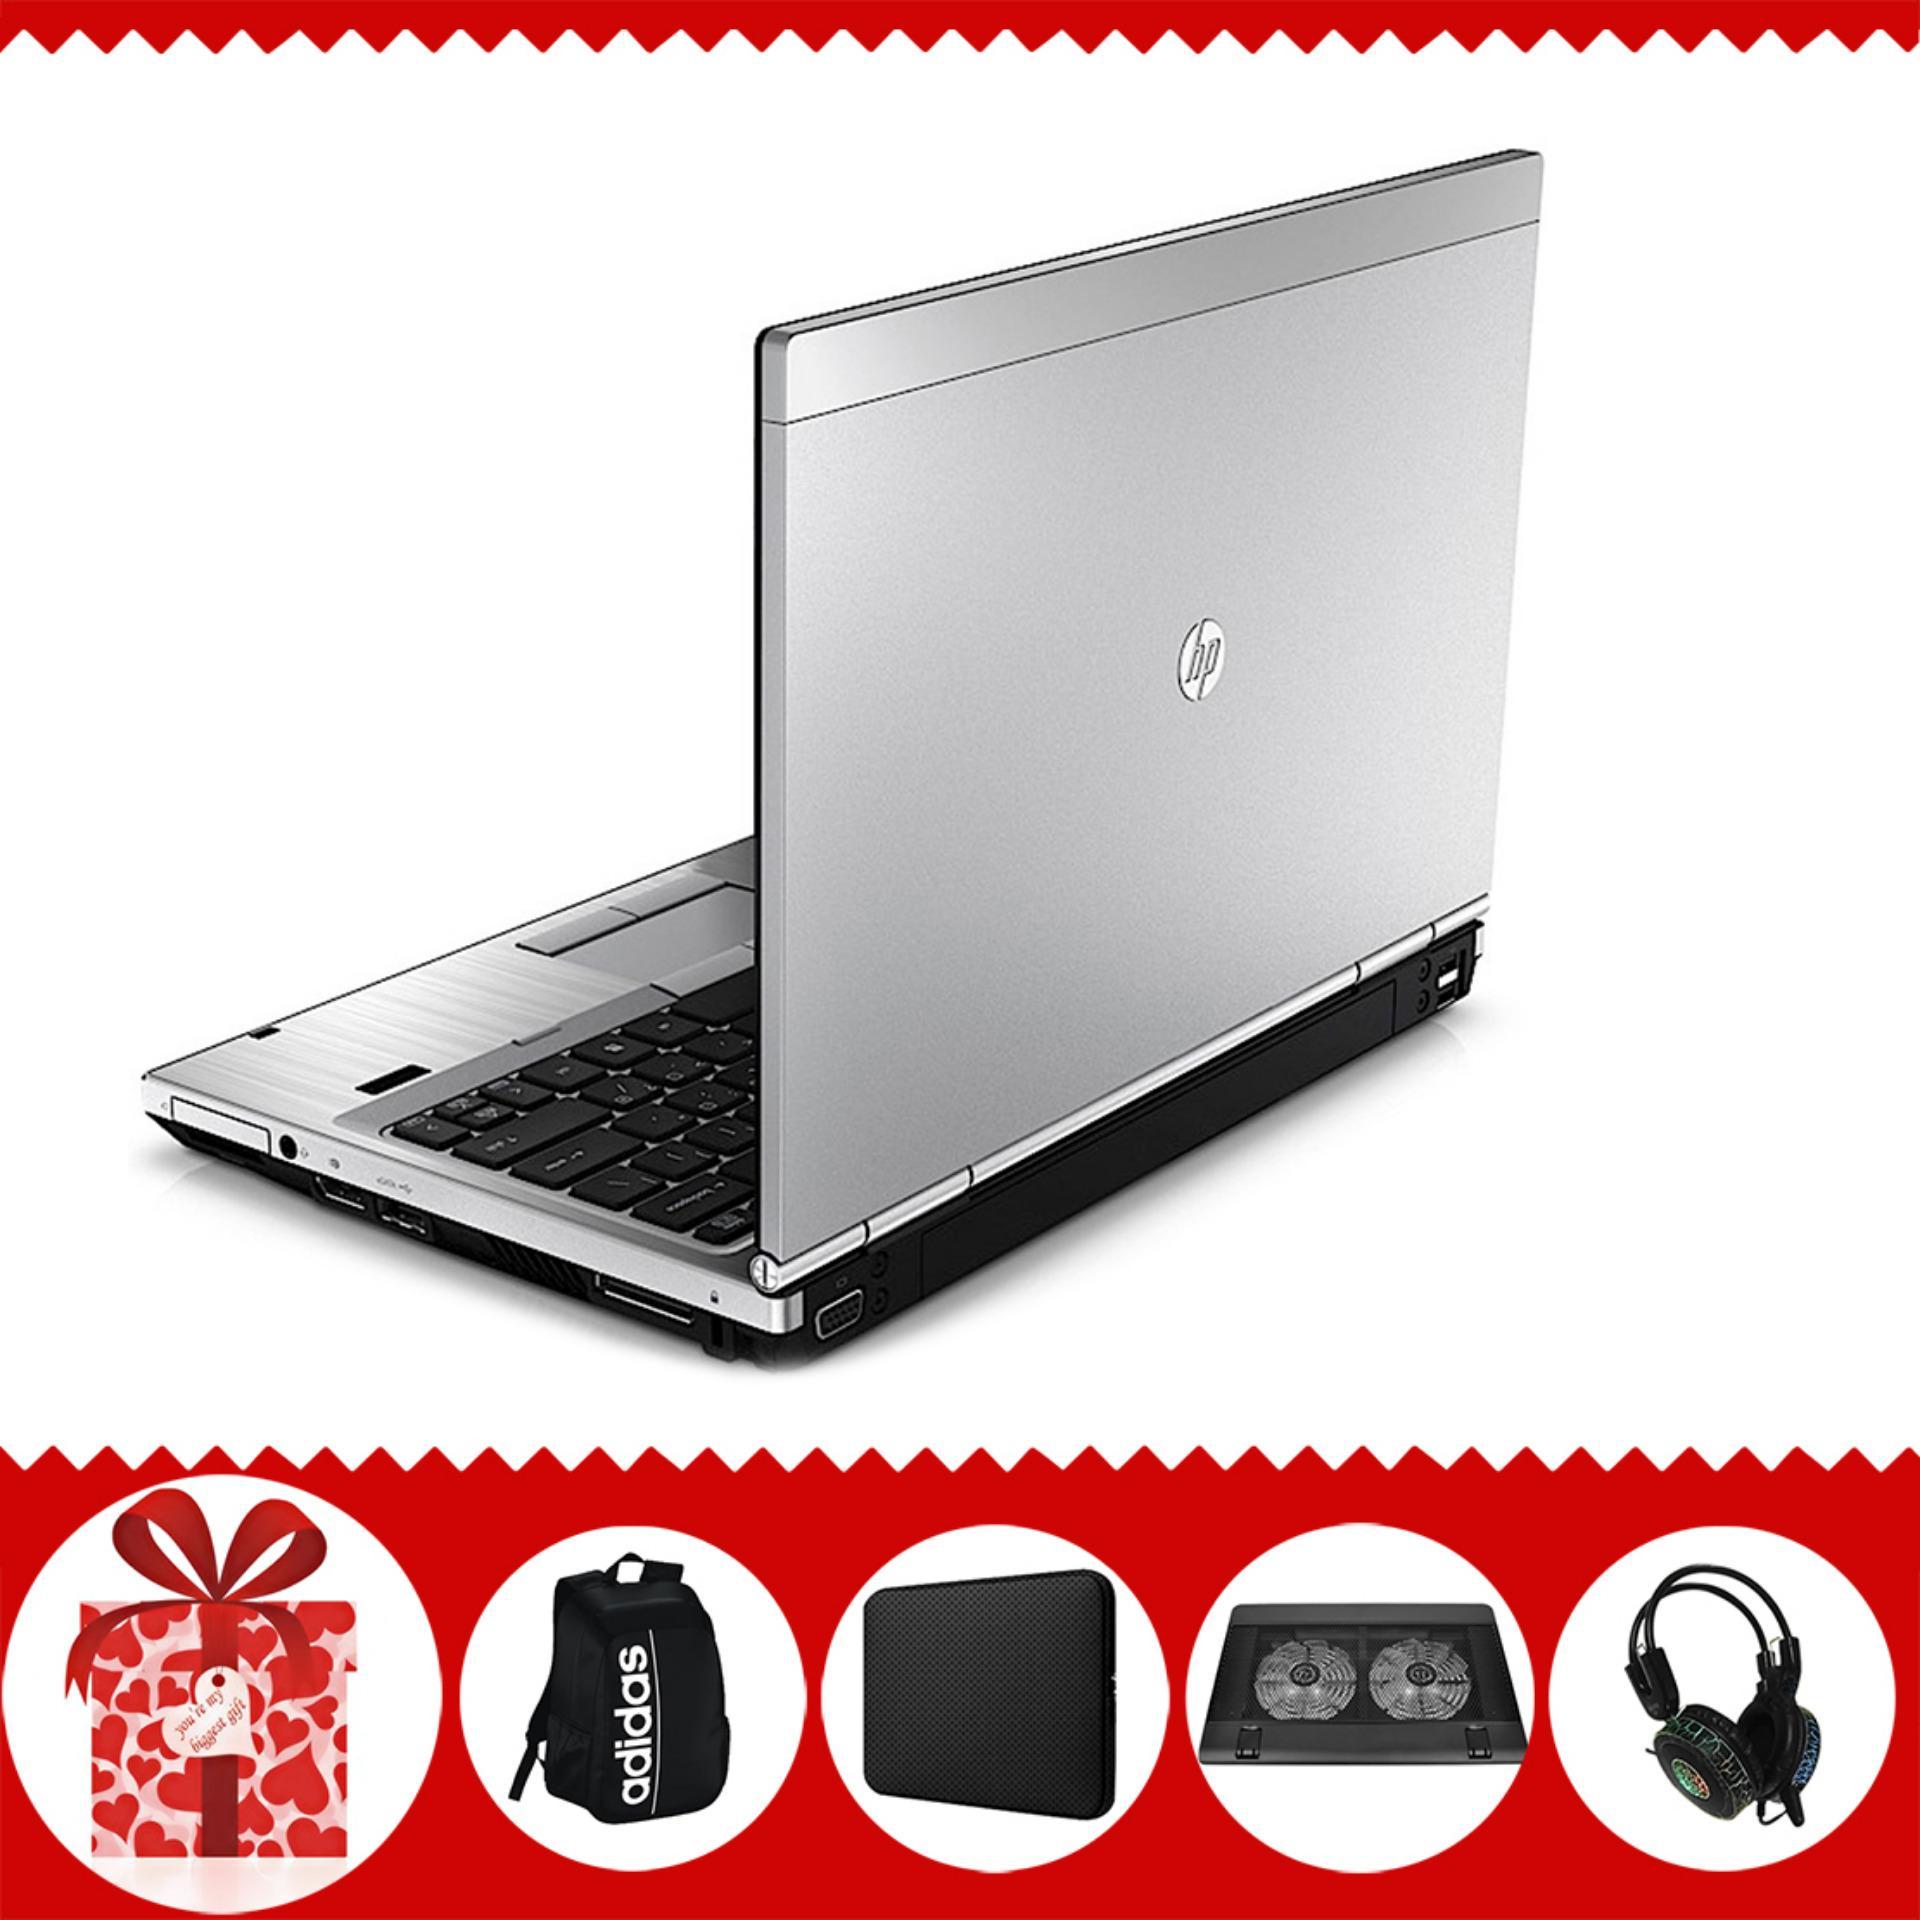 Laptop HP EliteBook 2560p ( i5-2520M, 12.5inch, 16GB, SSD 240GB ) + Bộ Quà Tặng - Hàng Nhập Khẩu